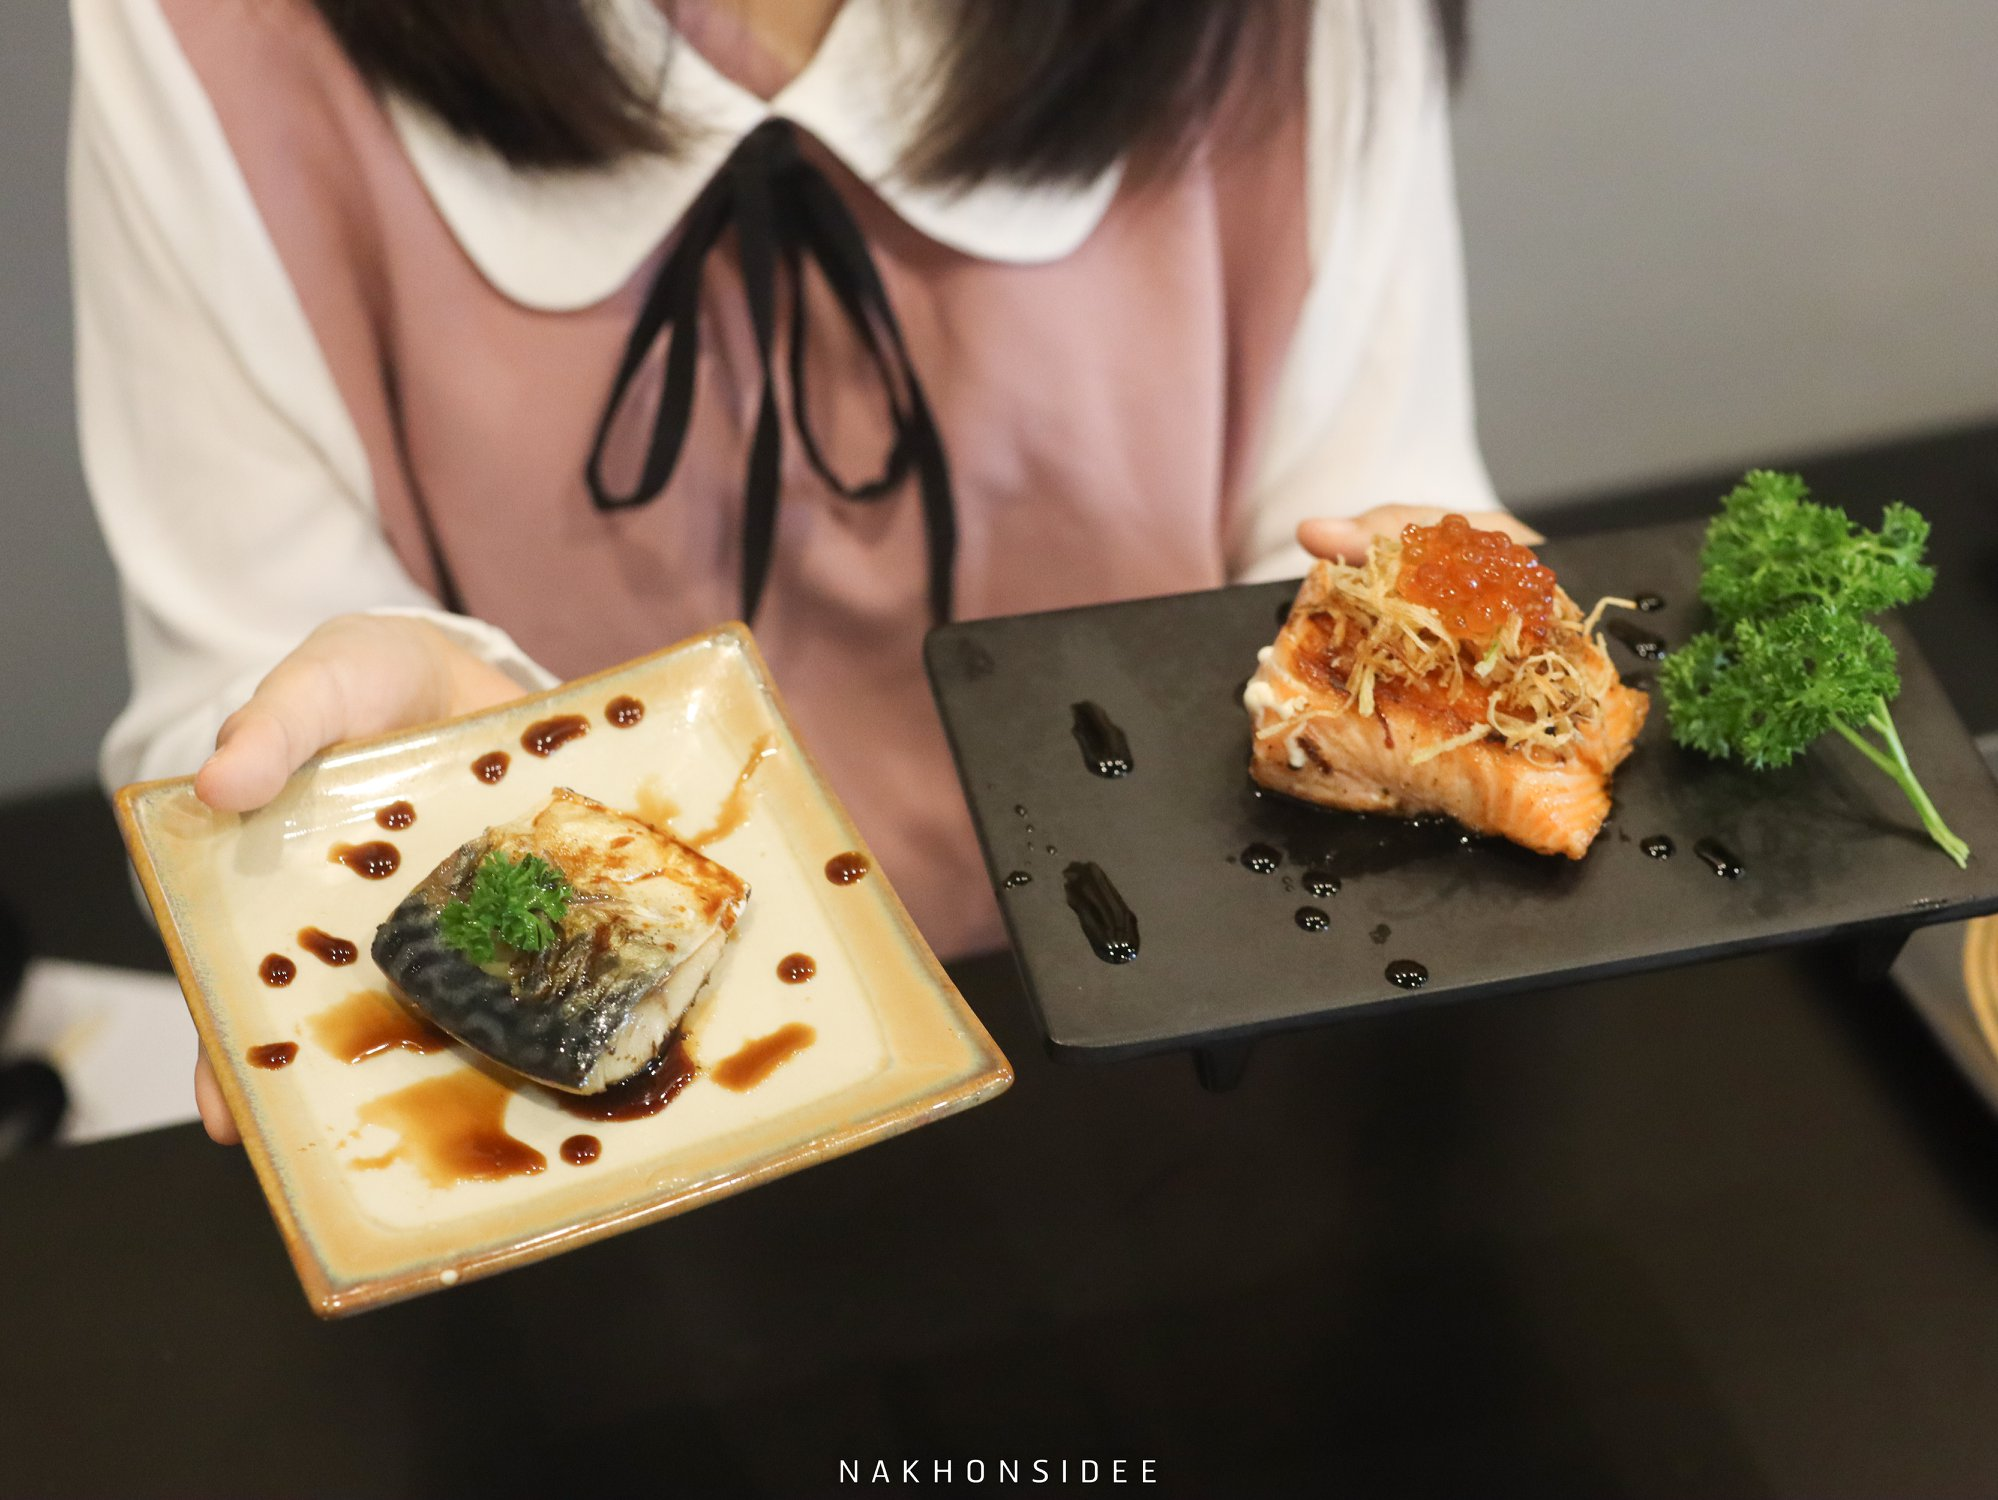 2-เมนูนี้เด็ดเหมือนกันนุ่มๆเลย  ชาบู,บุฟเฟ่ต์,นครศรีธรรมราช,อาหารญี่ปุ่น,ของหวาน